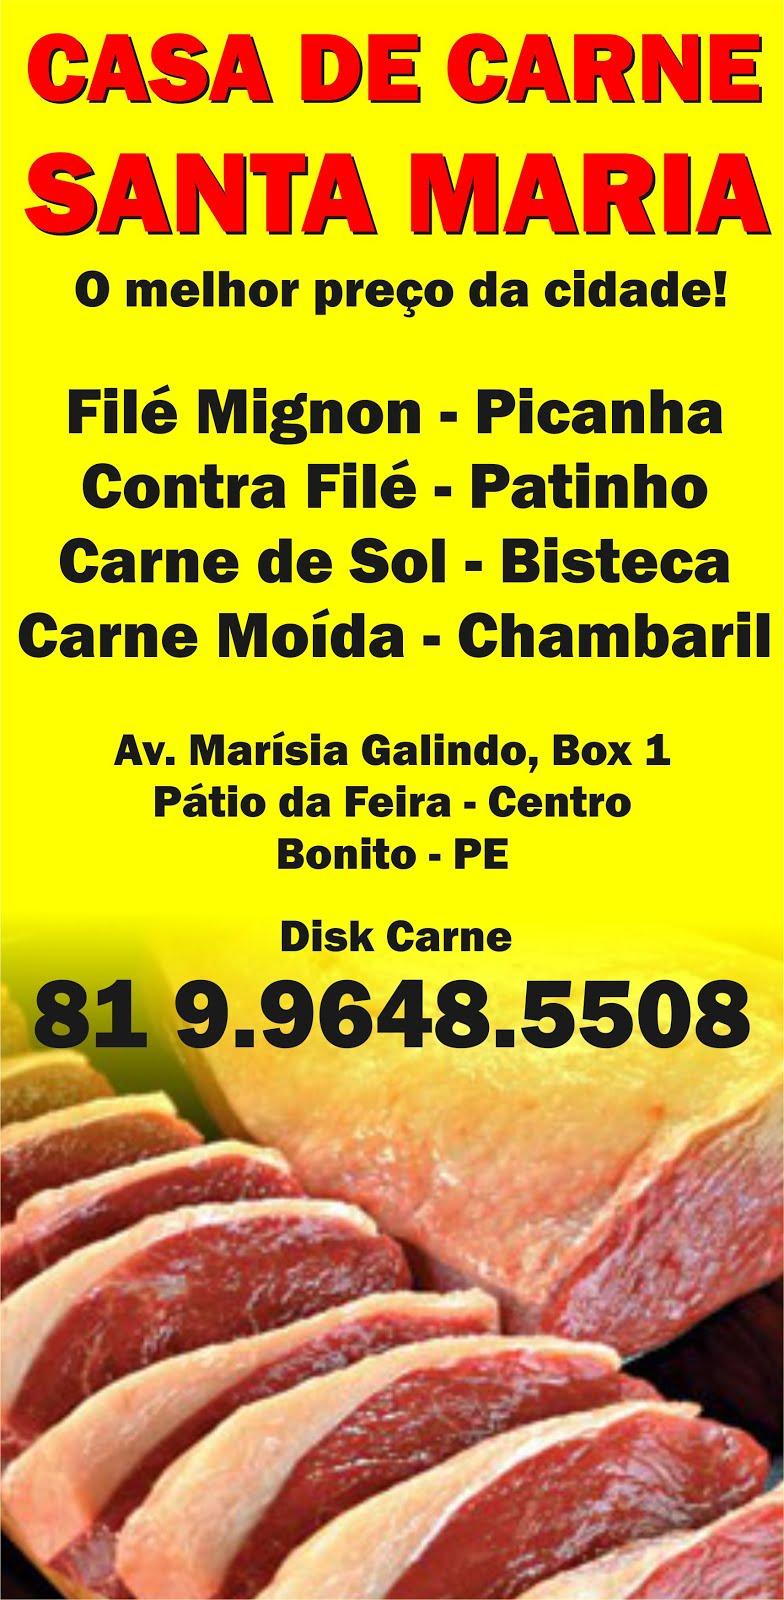 DISK CARNE 81 9.9648.5508